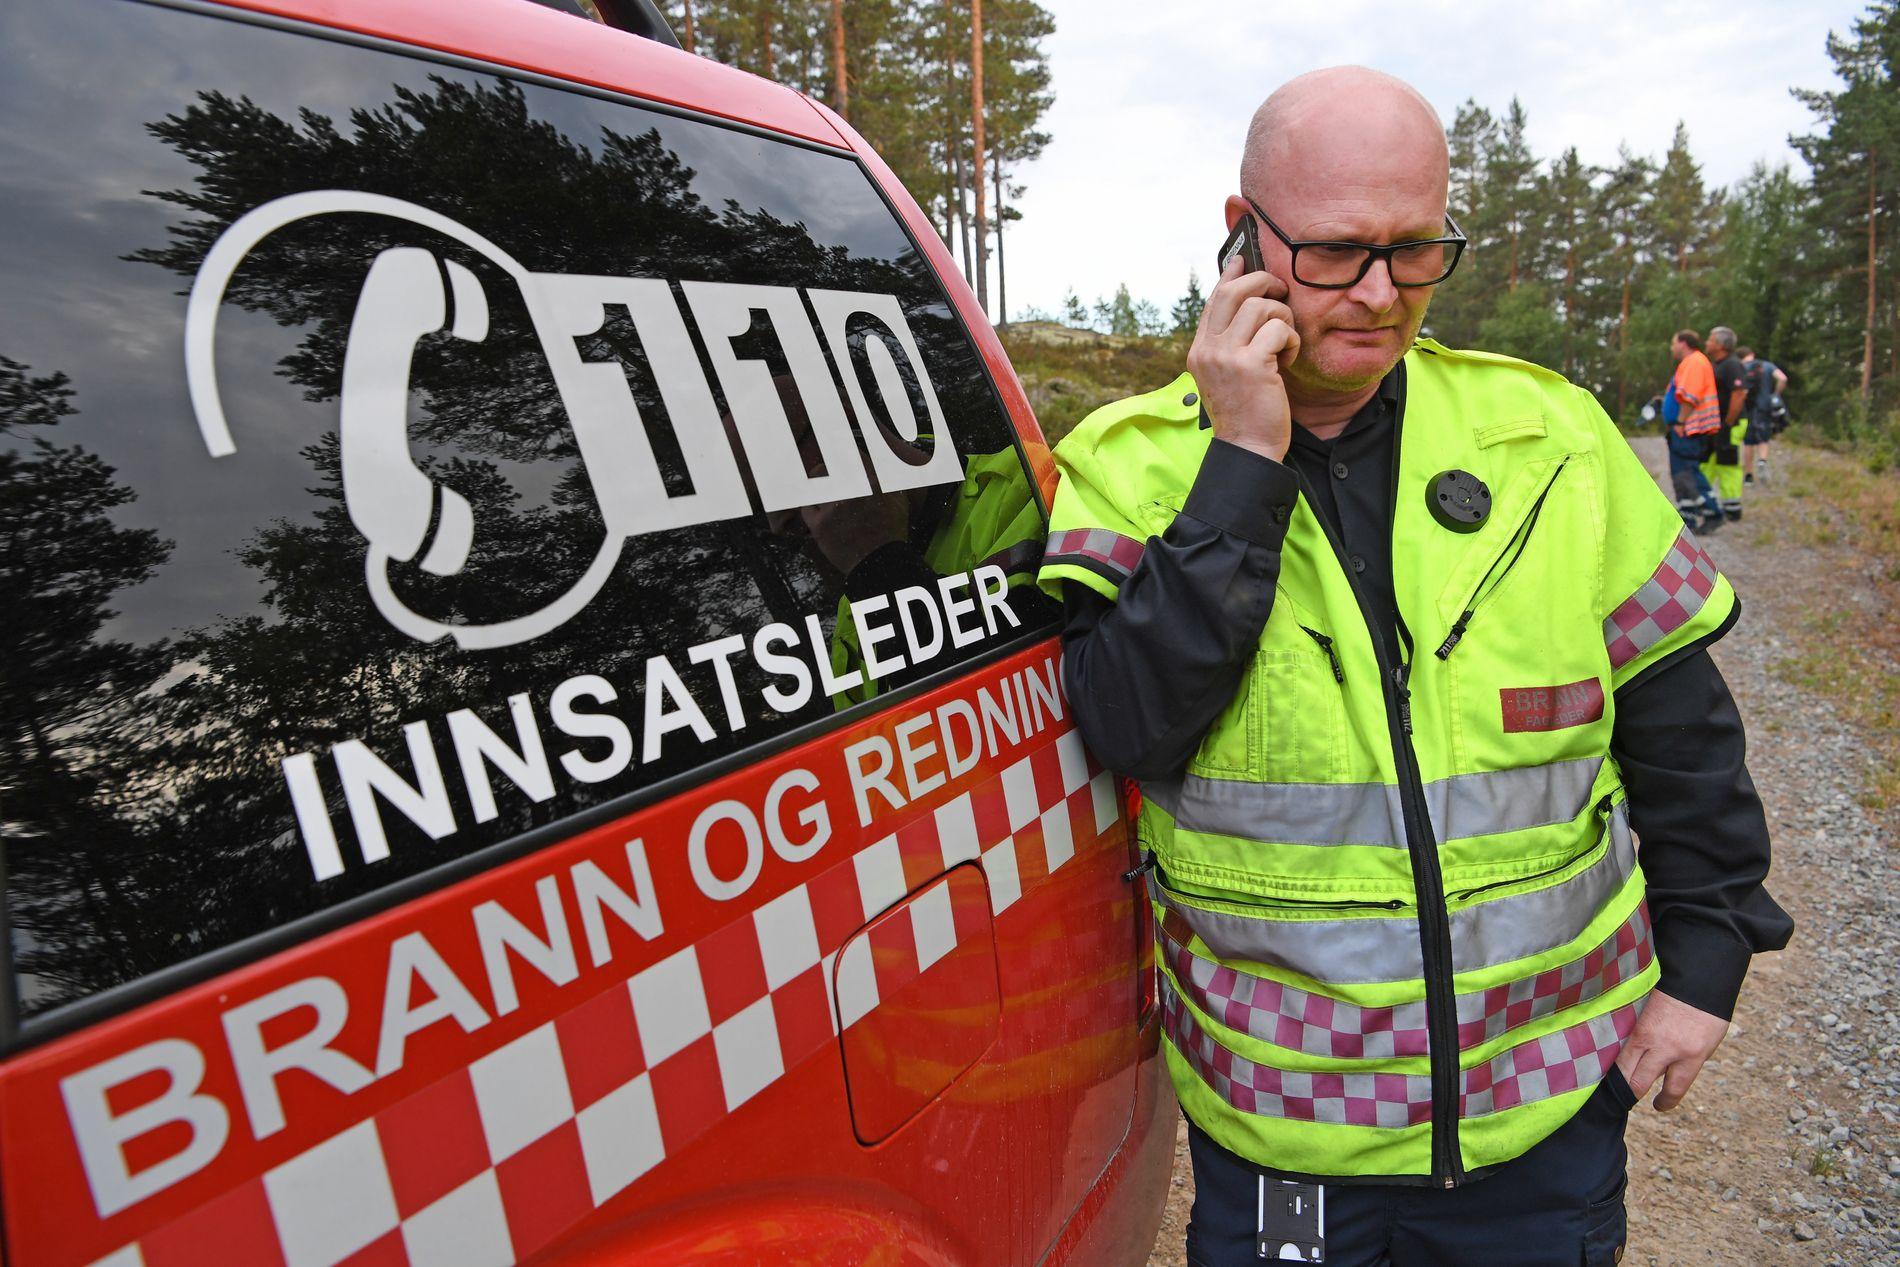 HEKTISK: Jhonny Brenna fra brannvesenet på Notodden sier til VG at de skal drive slukningsarbeid i kommunen gjennom natten.